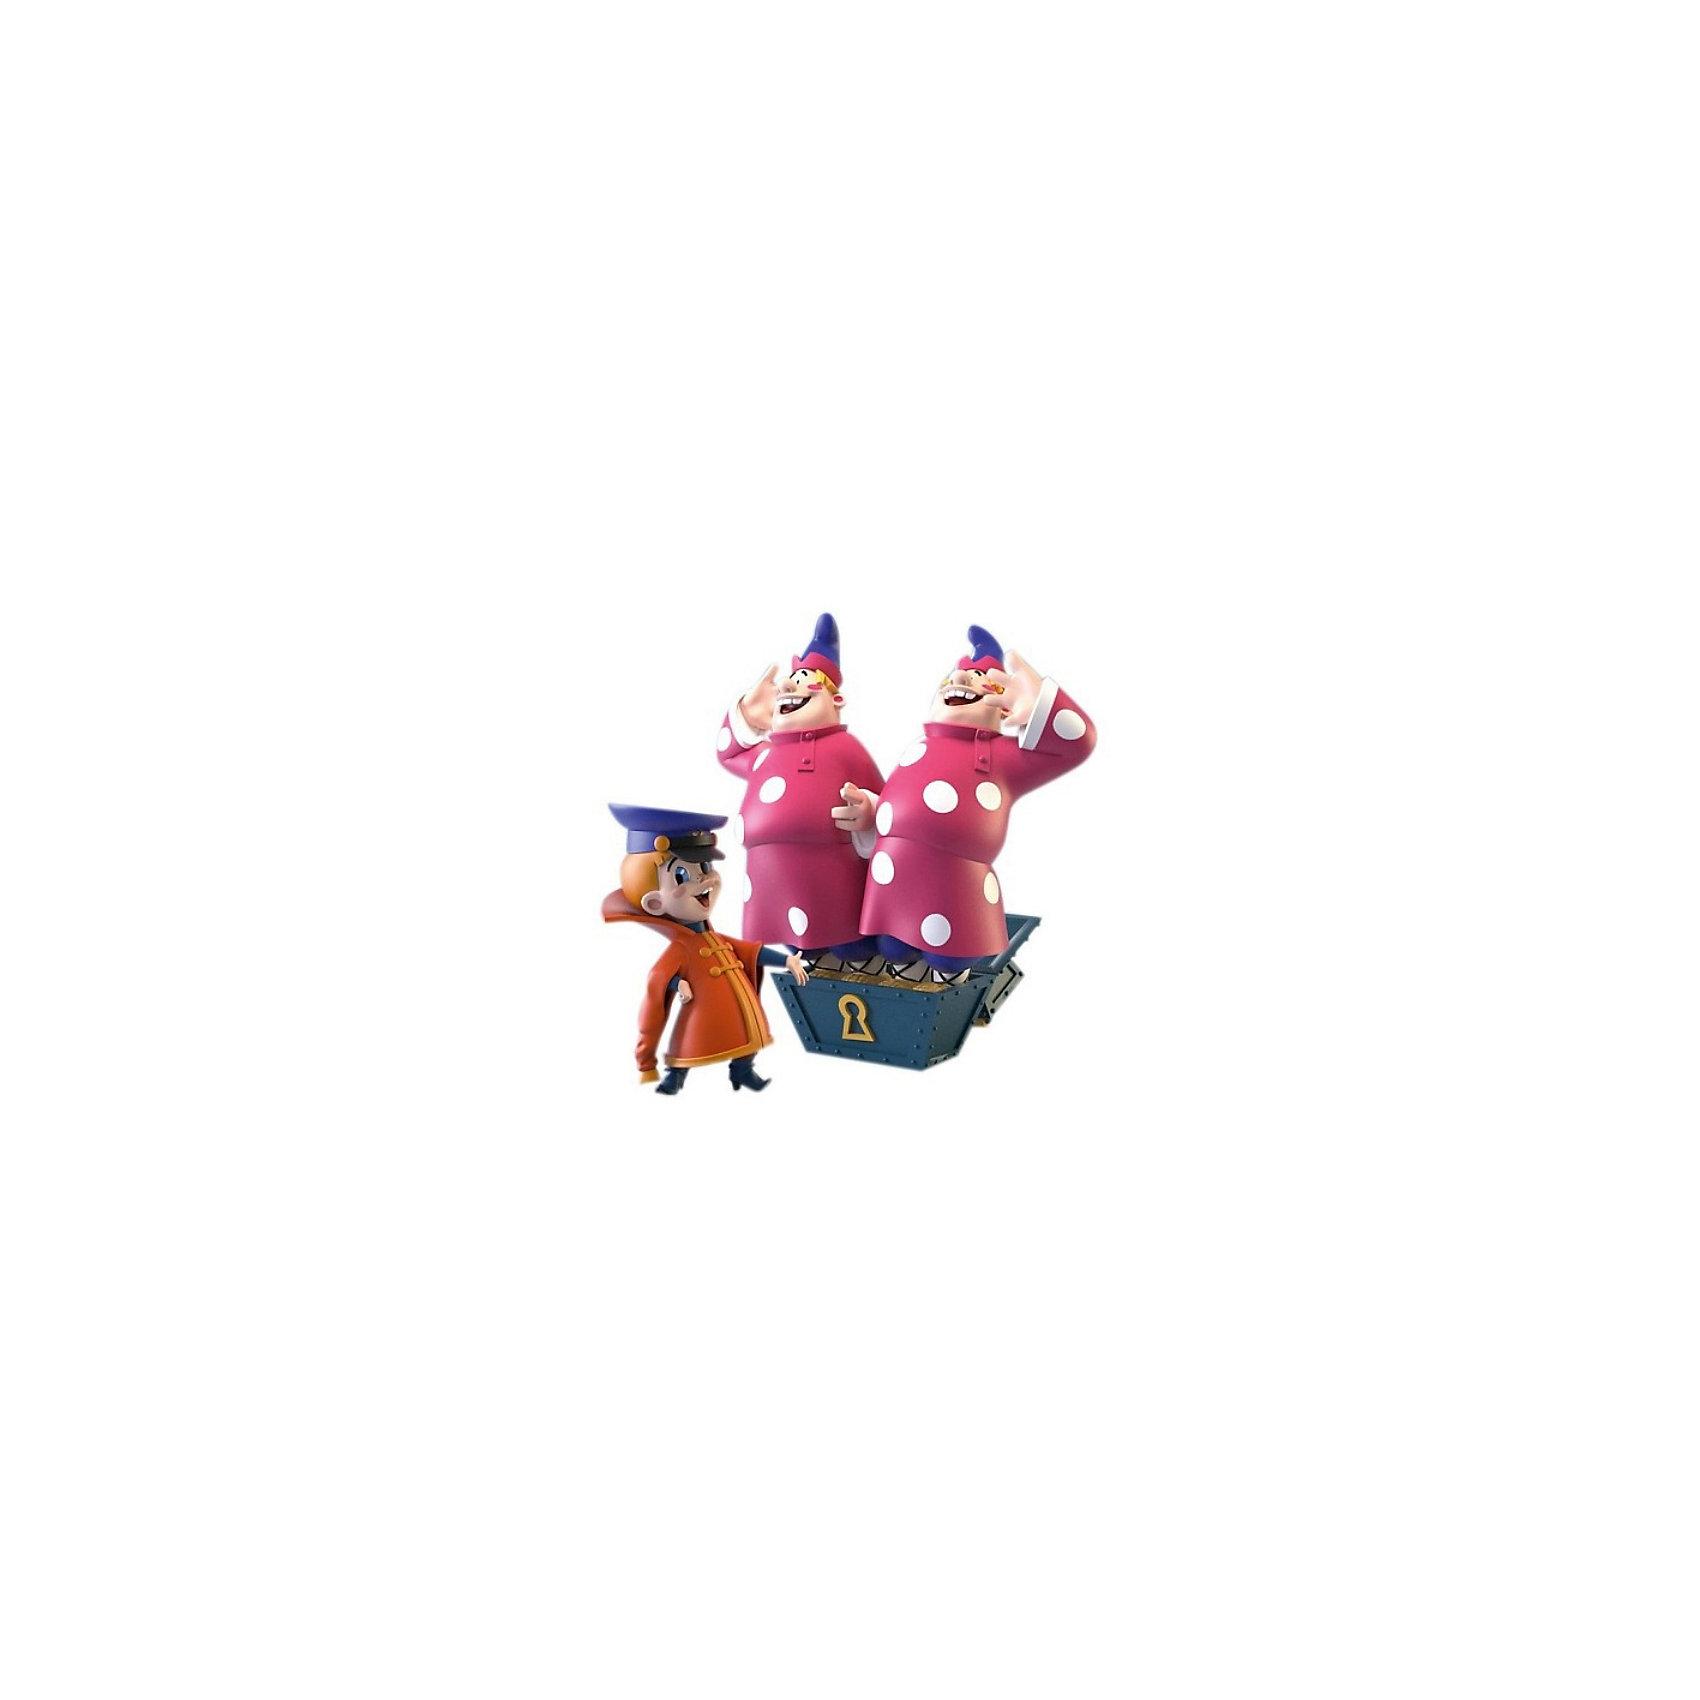 Prostotoys Набор фигурок Вовка и двое из ларца  (м/ф Вовка в тридевятом царстве), Prostotoys prostotoys предметы интерьера